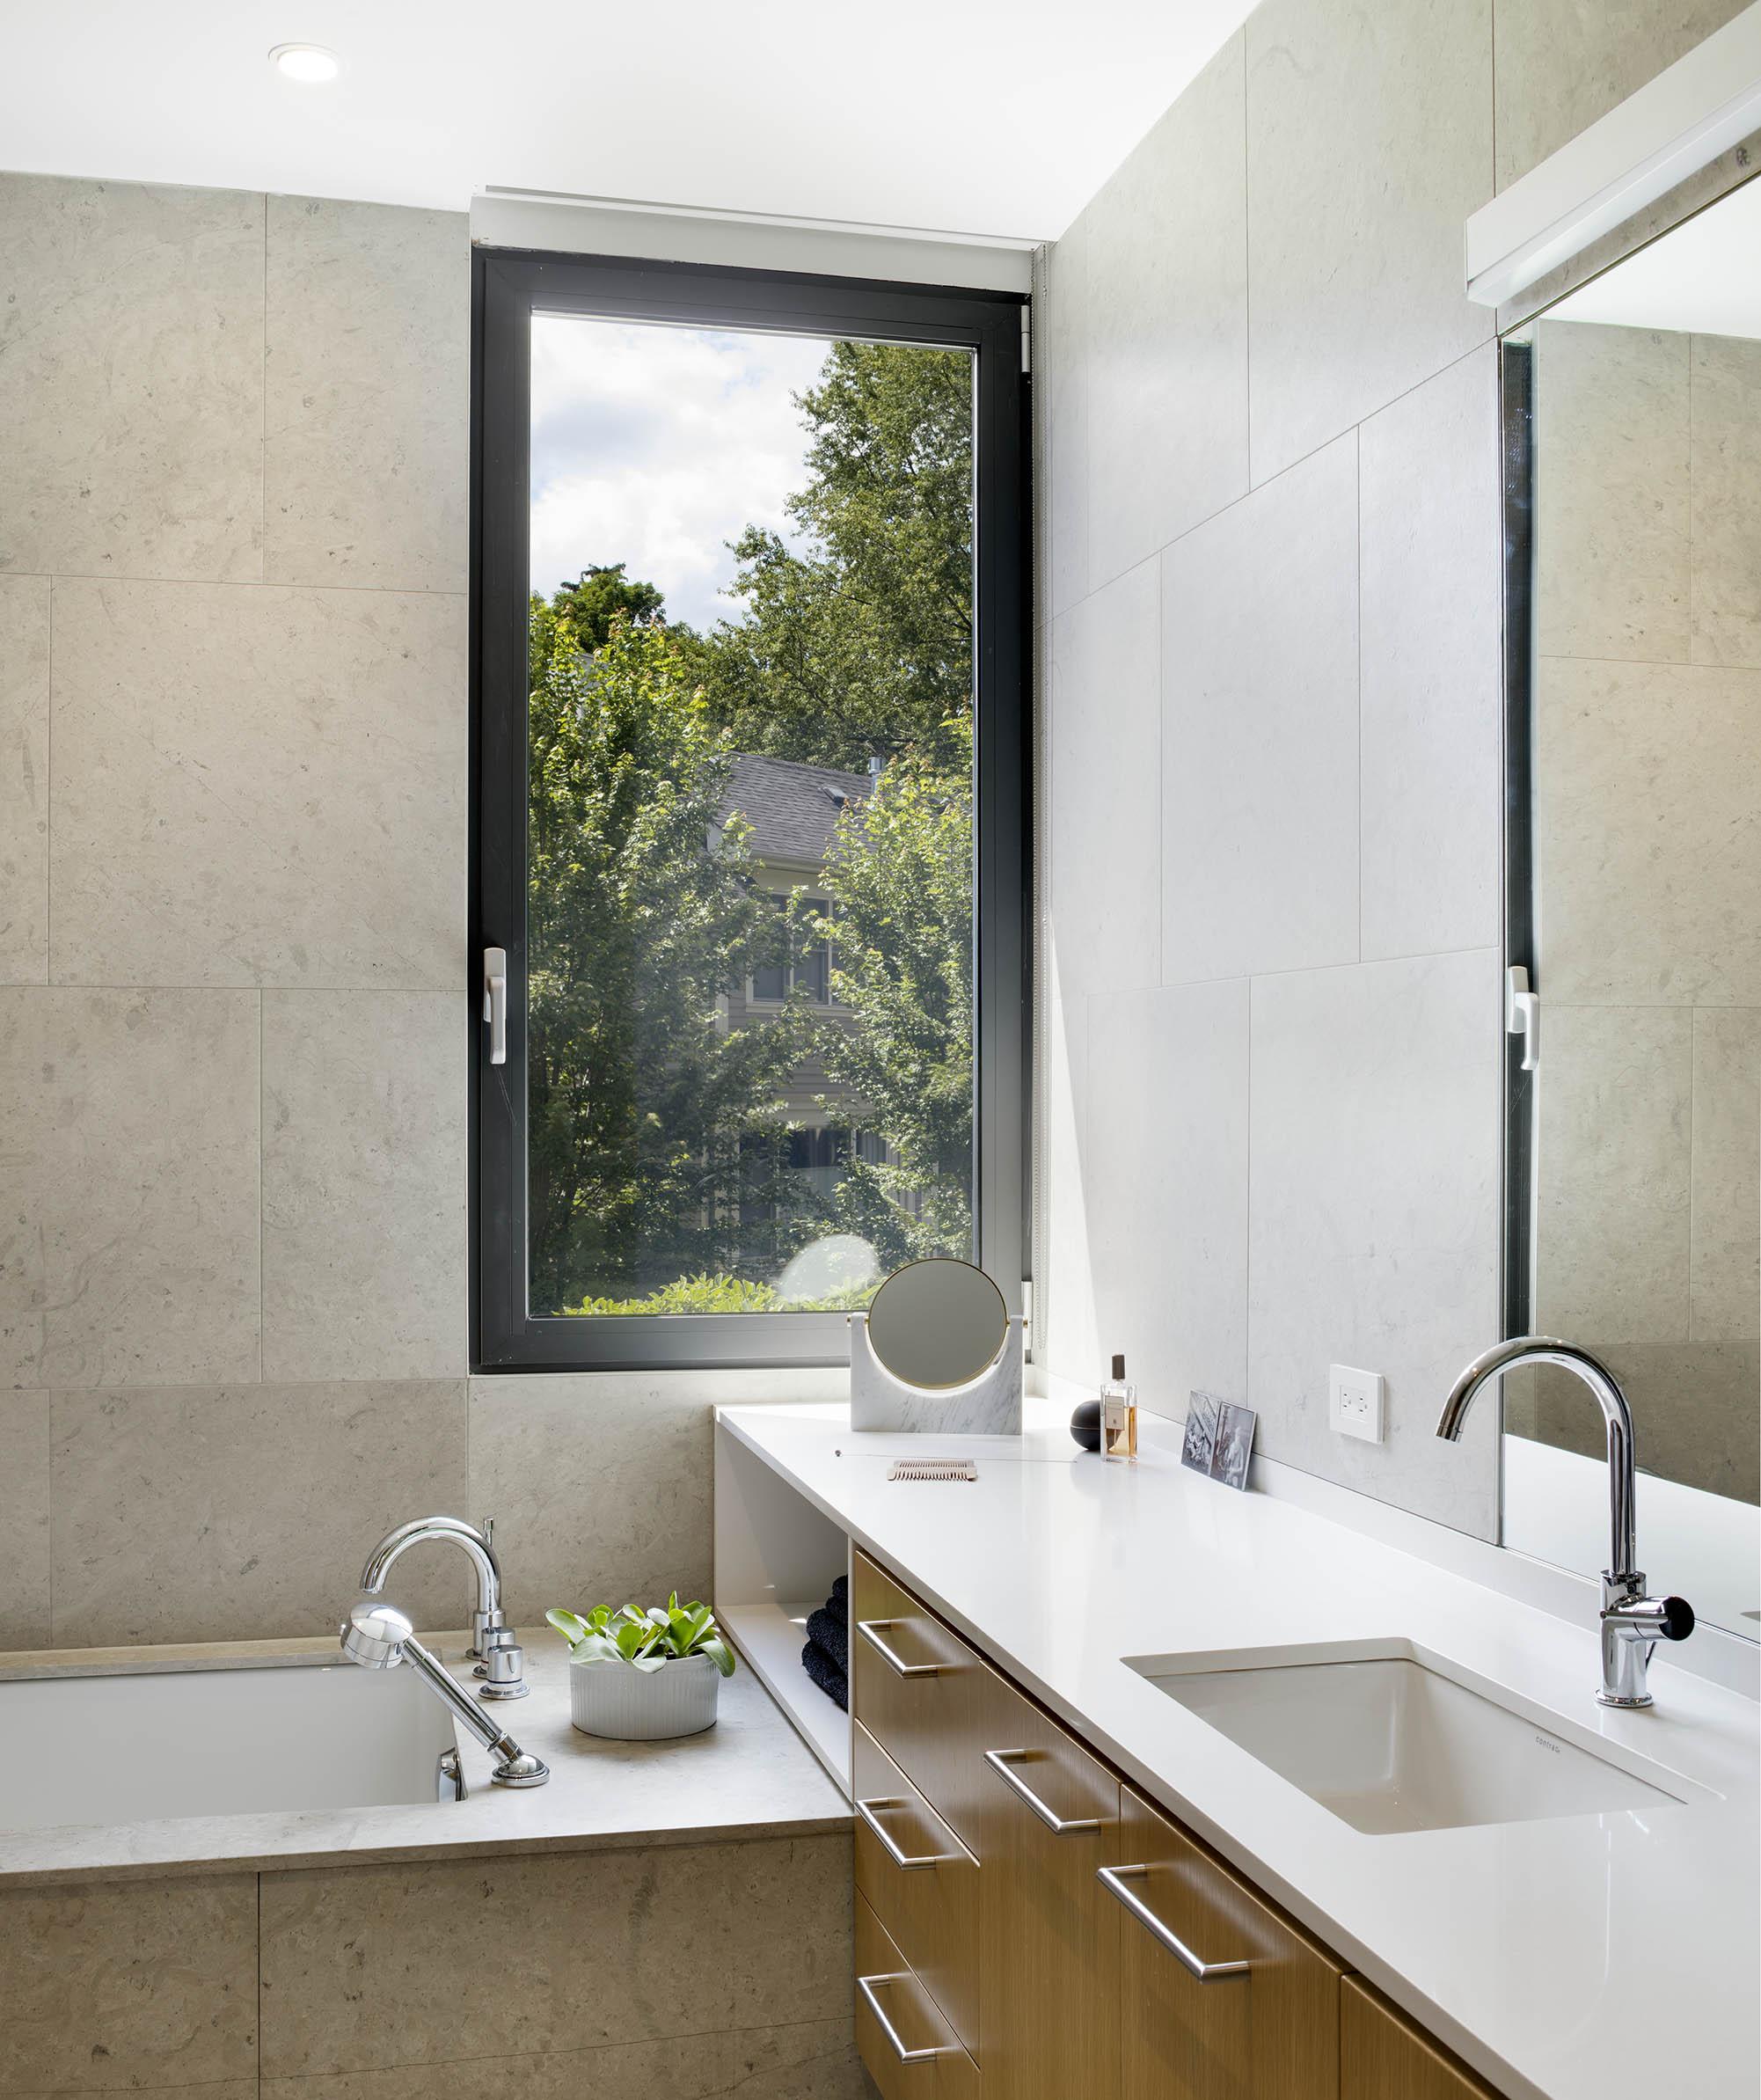 A House in a Grove Interior Bath